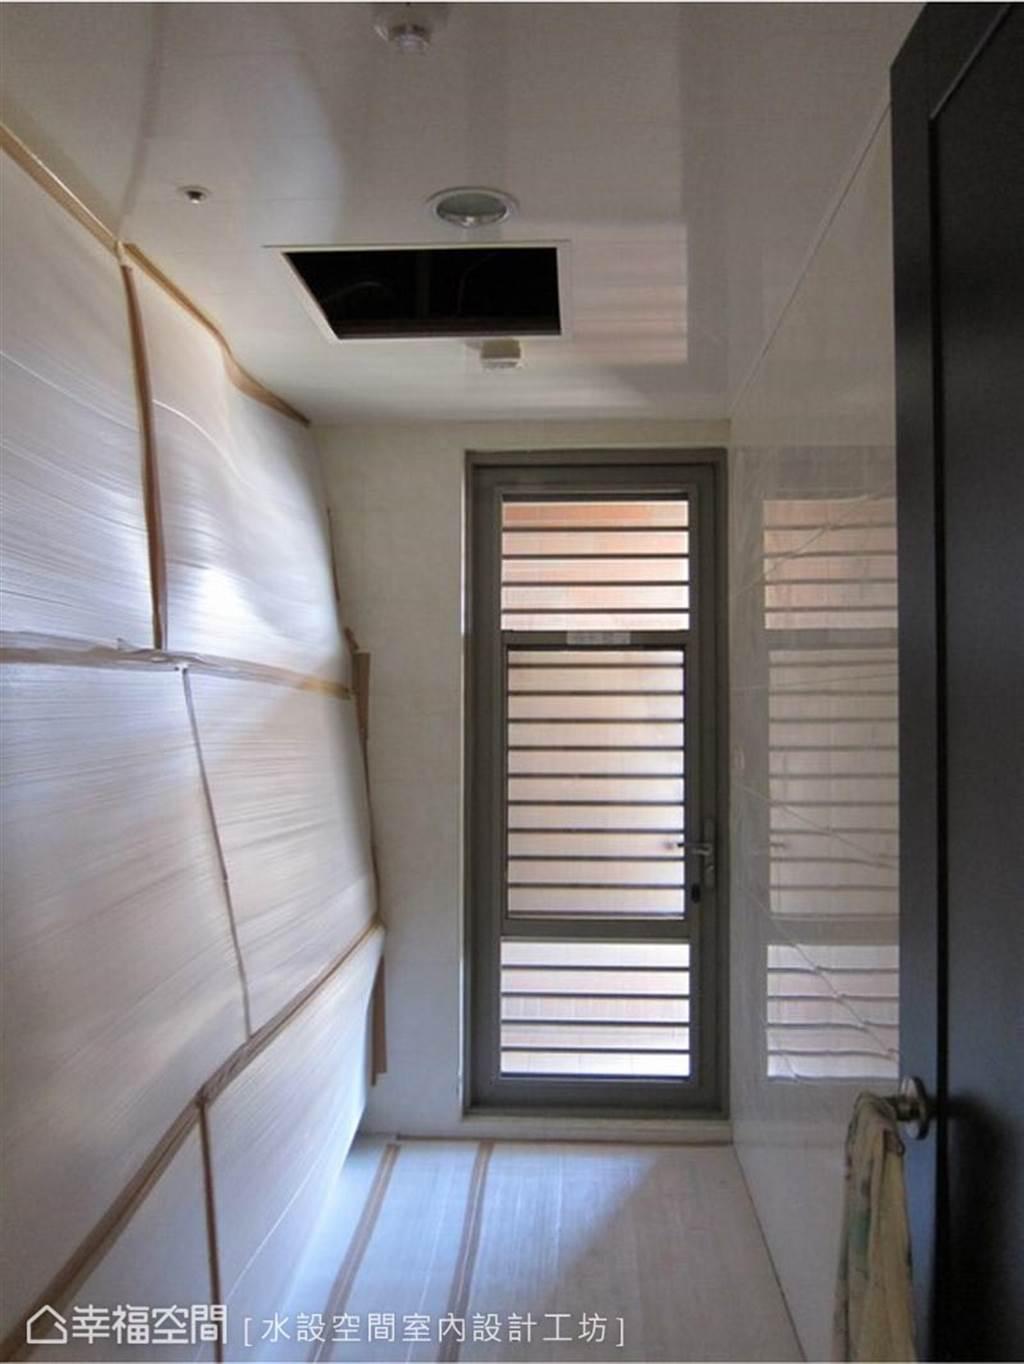 圖片提供/水設空間室內設計工坊